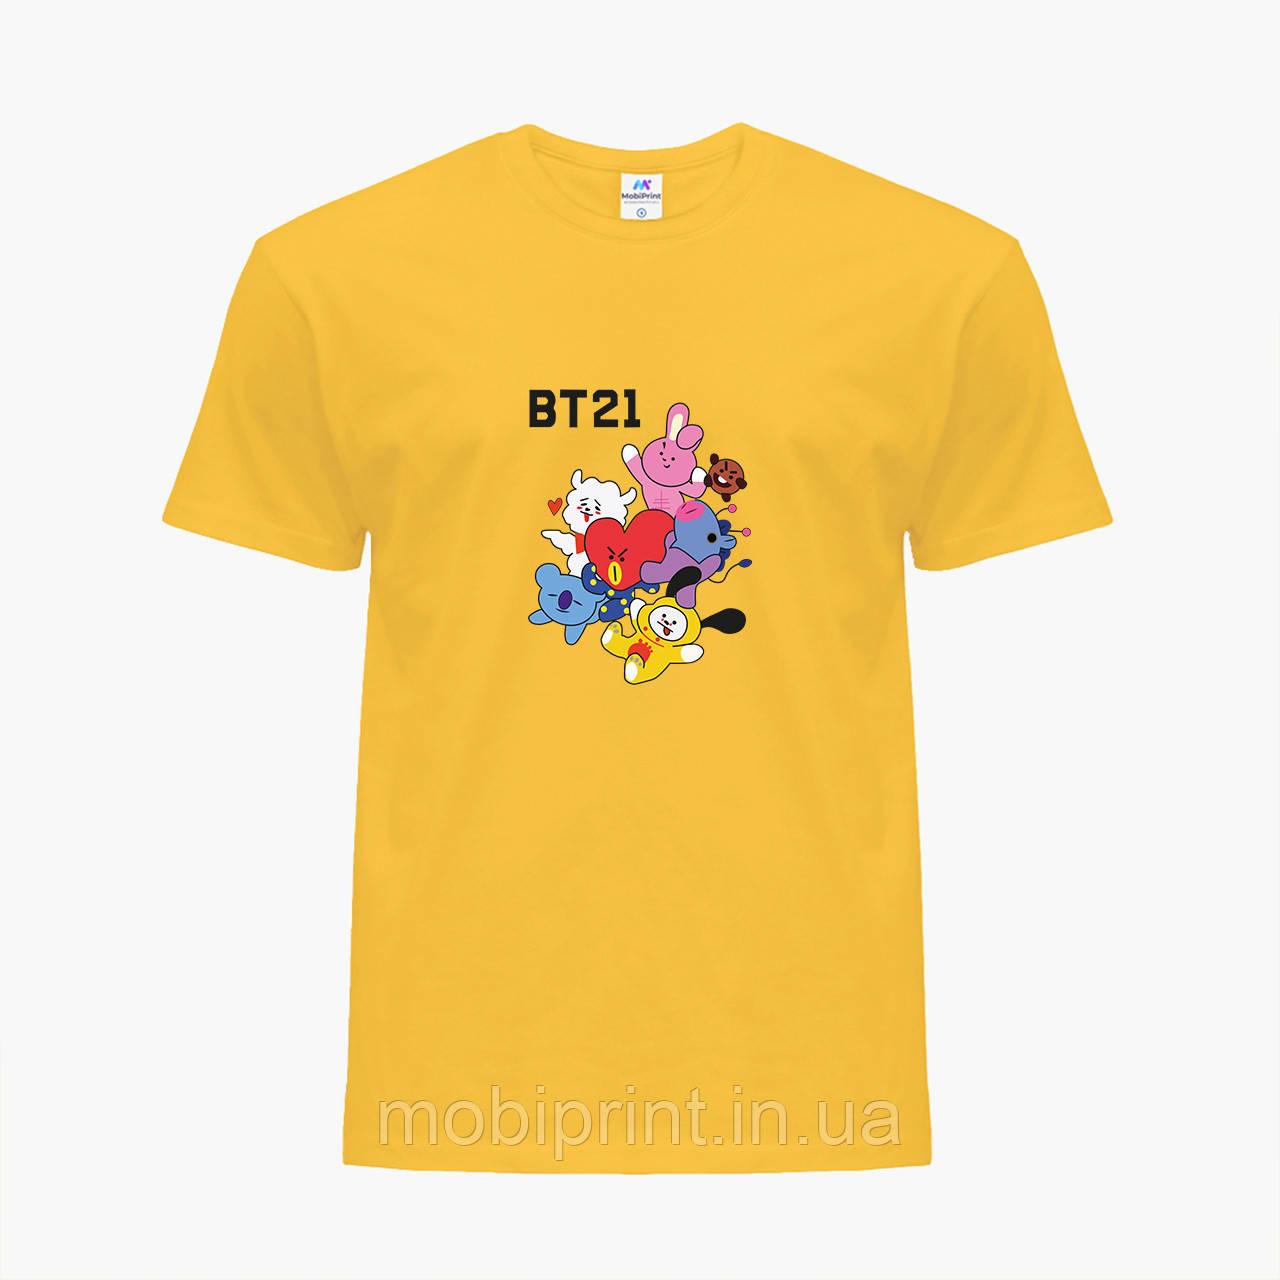 Детская футболка для девочек БТС (BTS) (25186-1166) Желтый